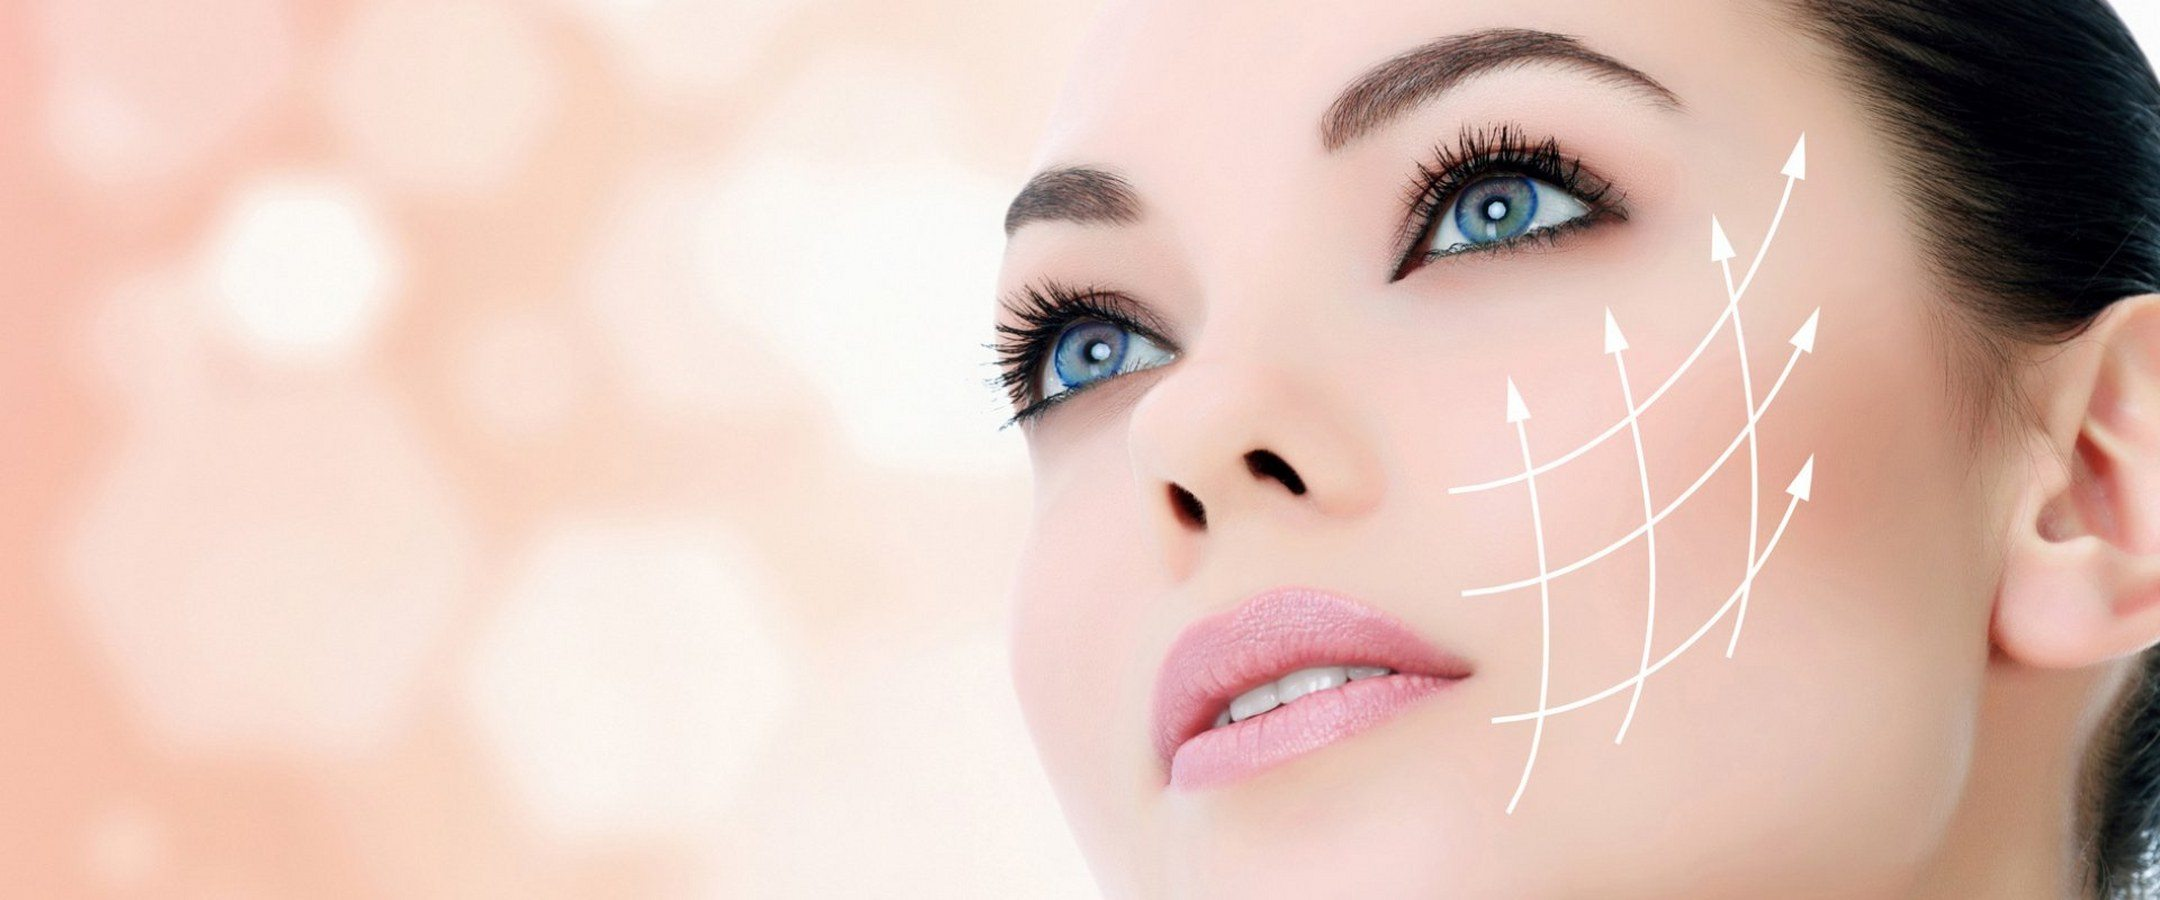 таблетки для красоты и молодости после 40